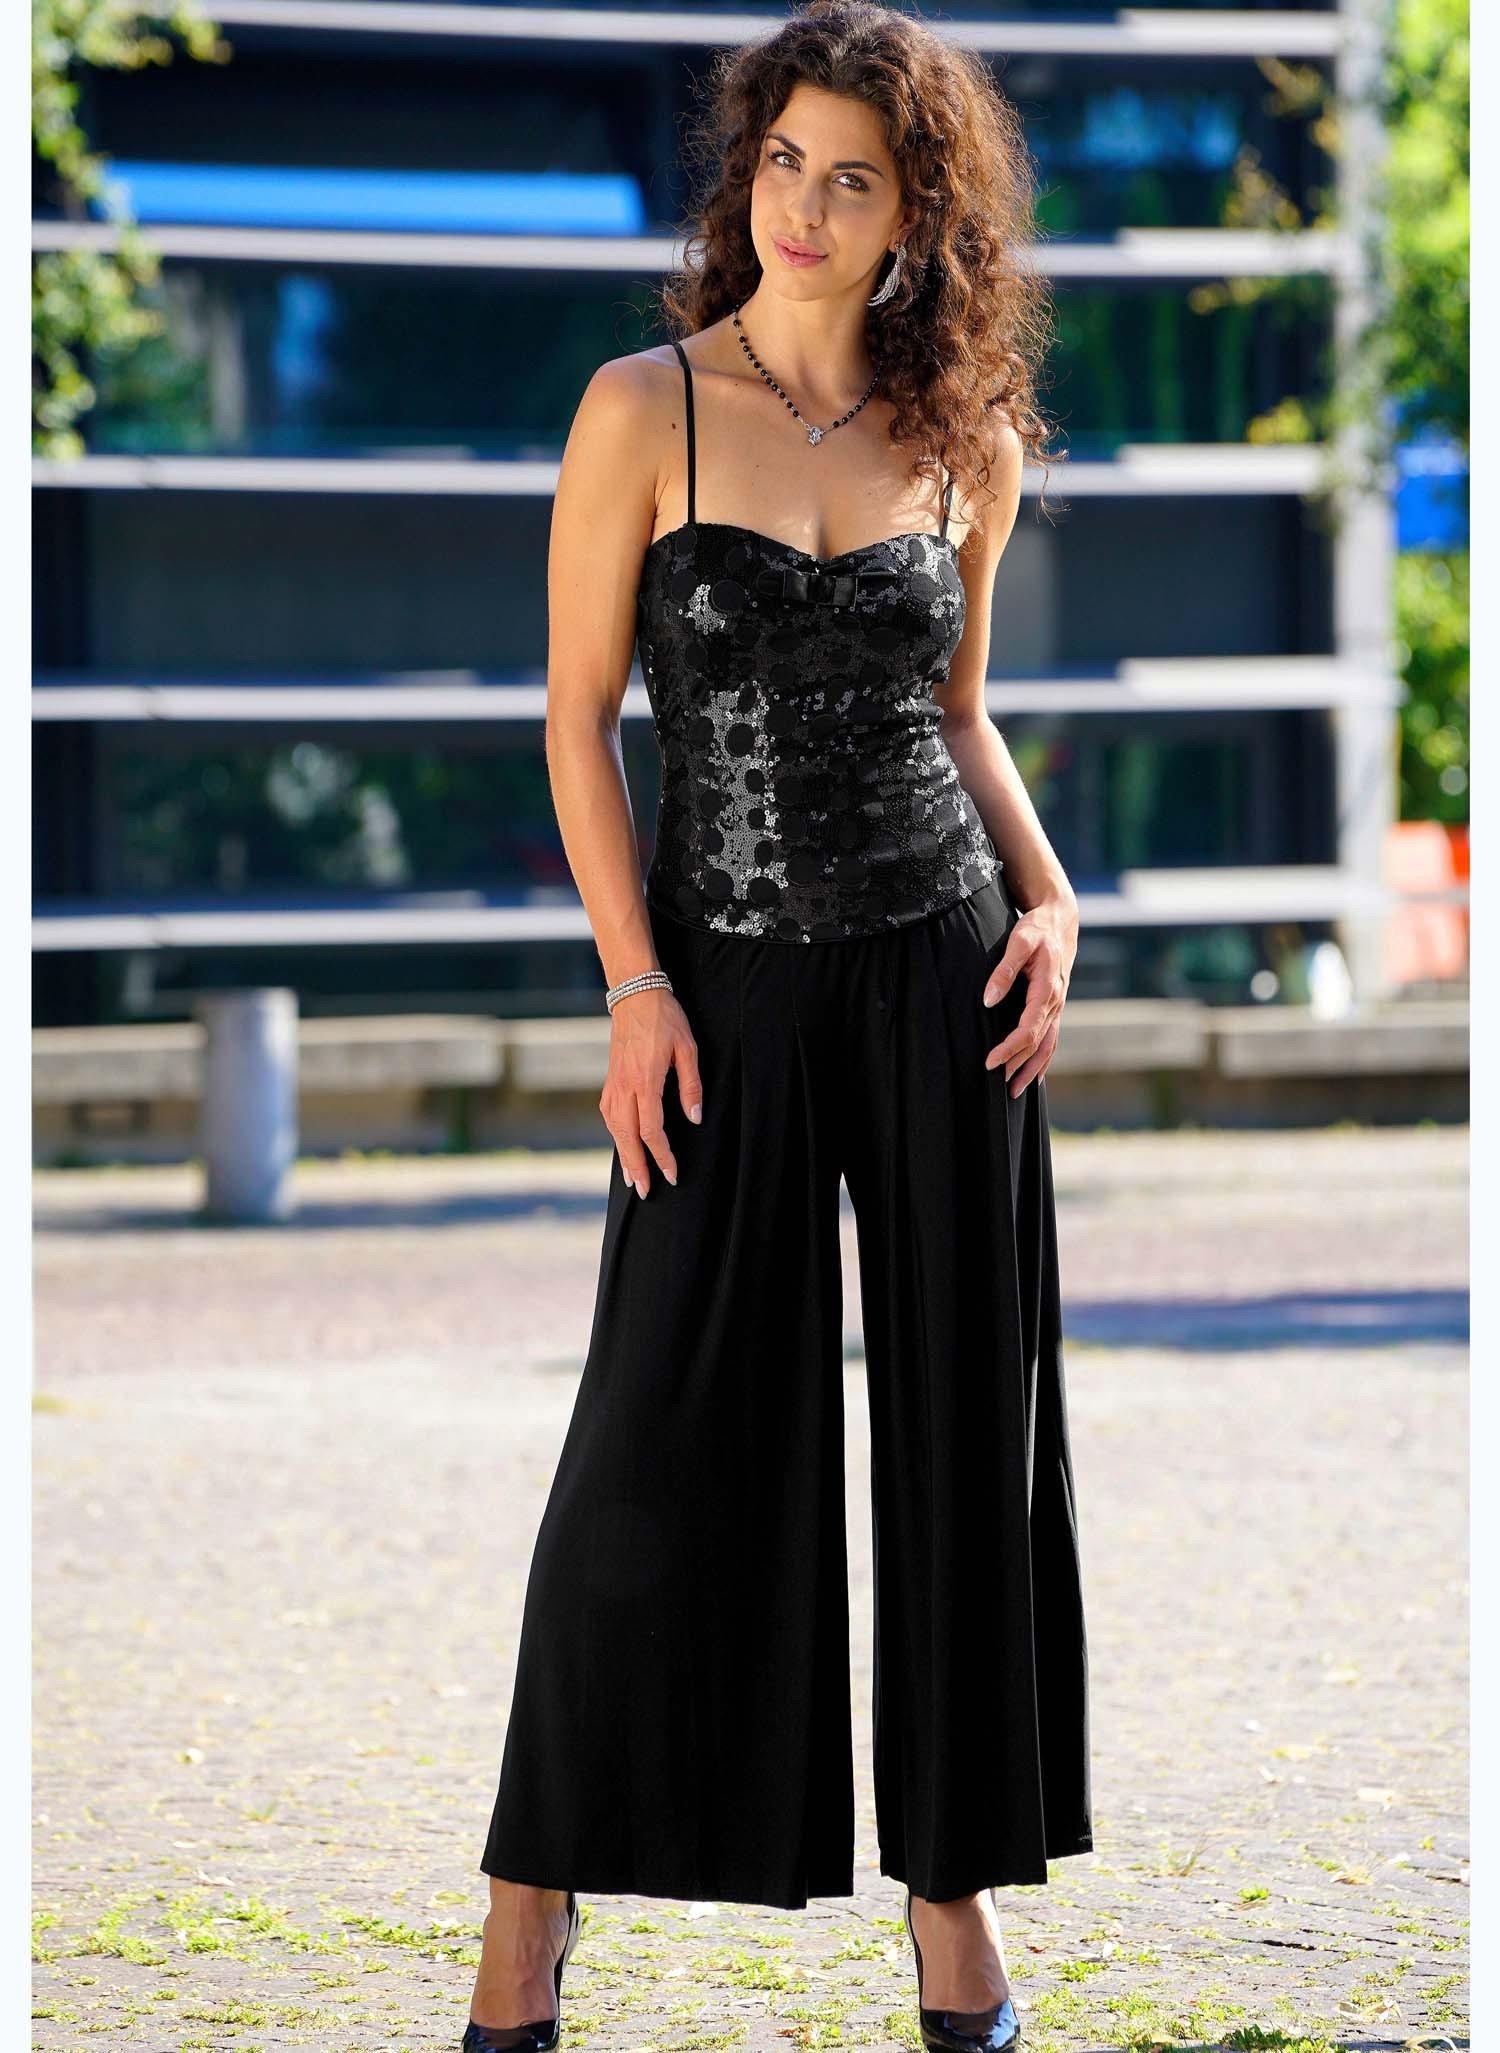 D-Pantalon 7/8, pinces, noir